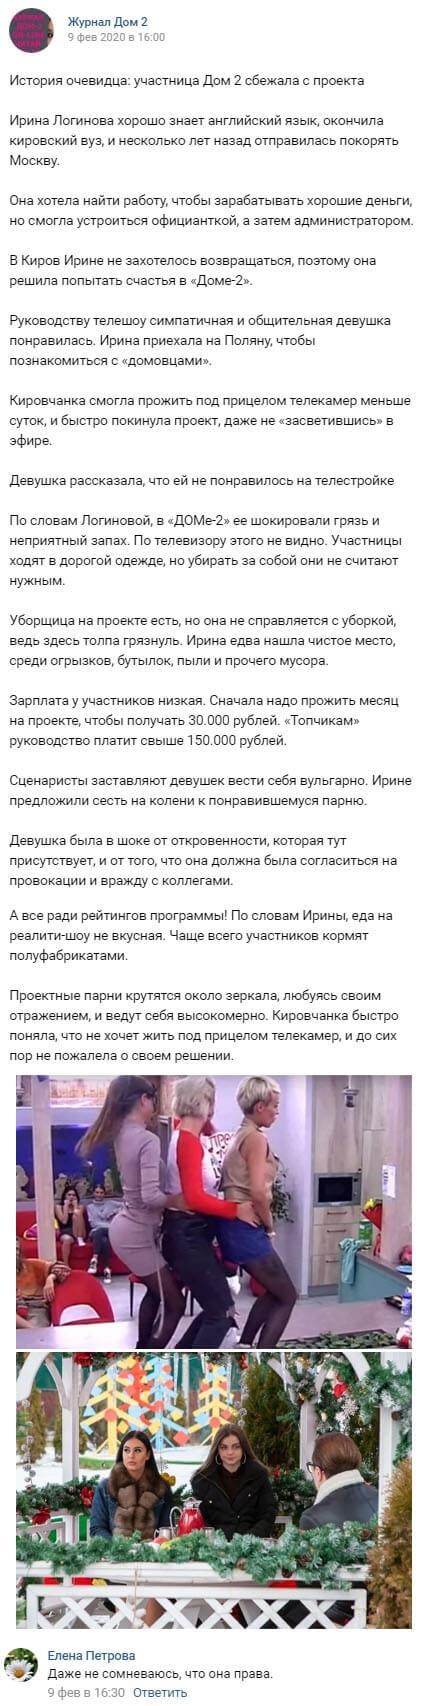 Ирина Логинова рассказала всю правду о Доме 2